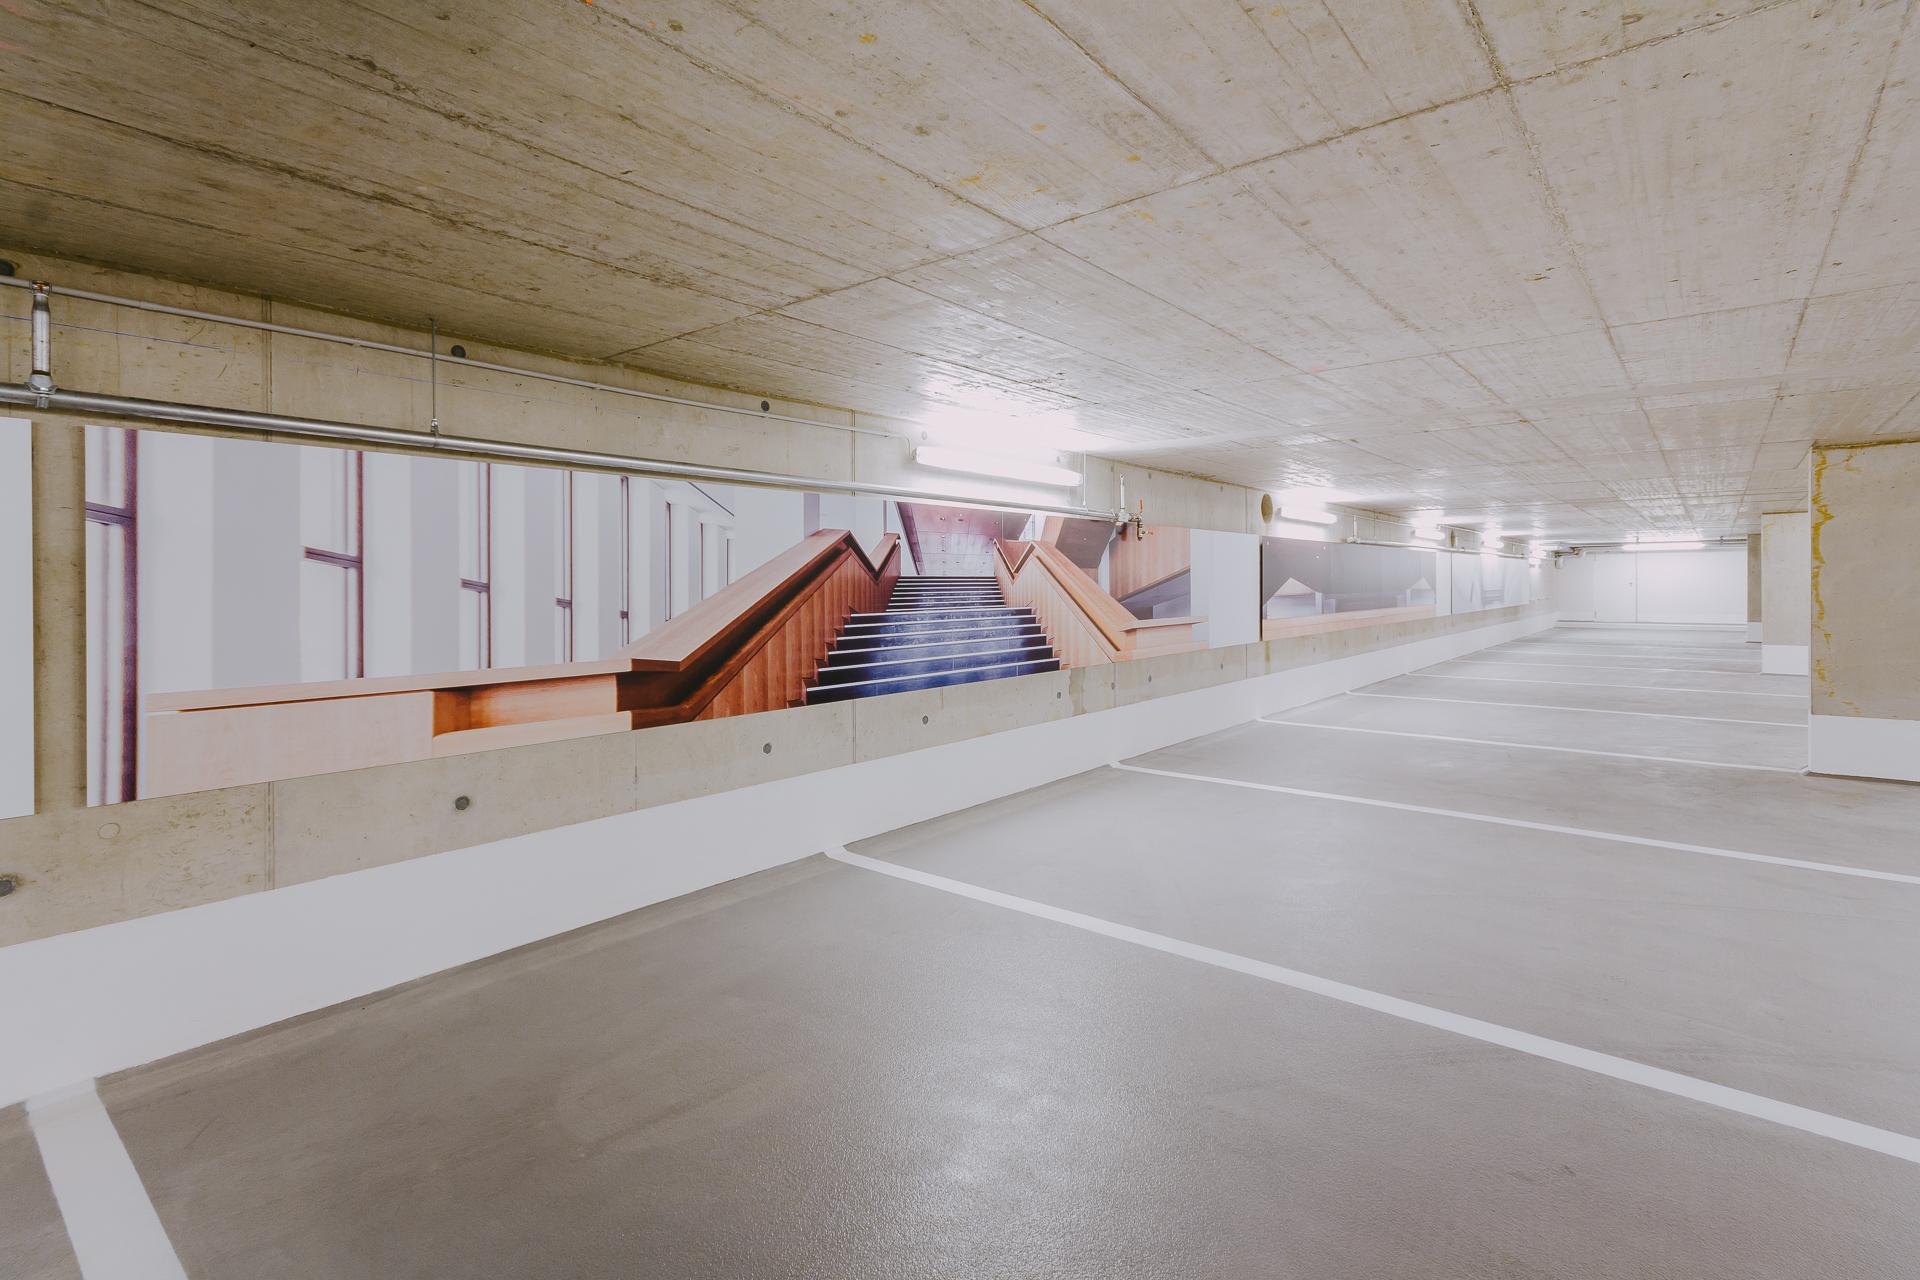 20121228_Stadthalle_Reutlingen_Tiefgarage_Motive_000000126